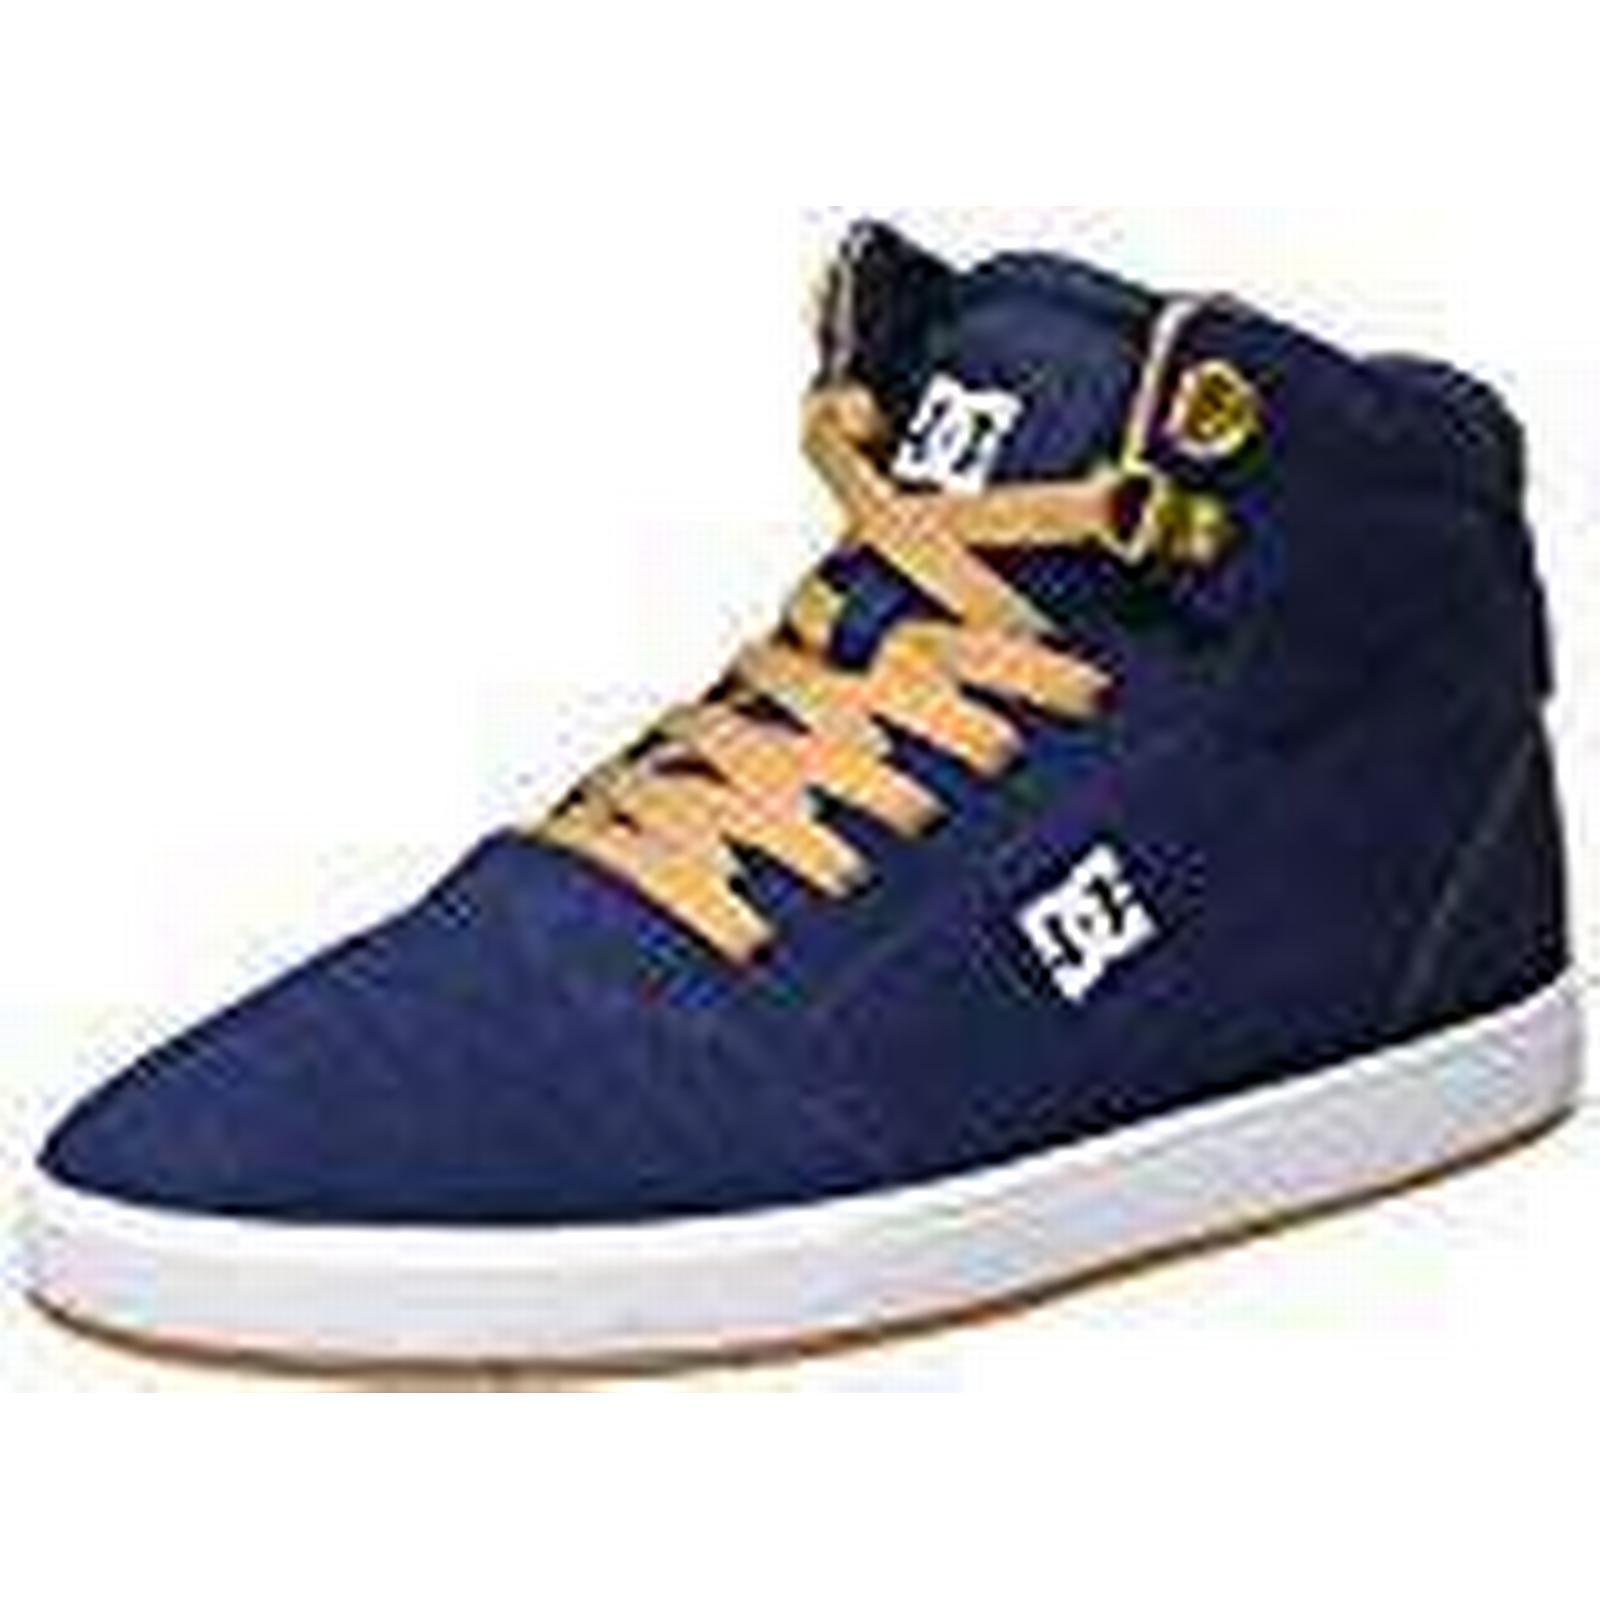 DC Shoes Men's Blue Crisis High Low-Top Sneakers, Blue Men's (Navy/Camel), 7.5 UK 9a3a03